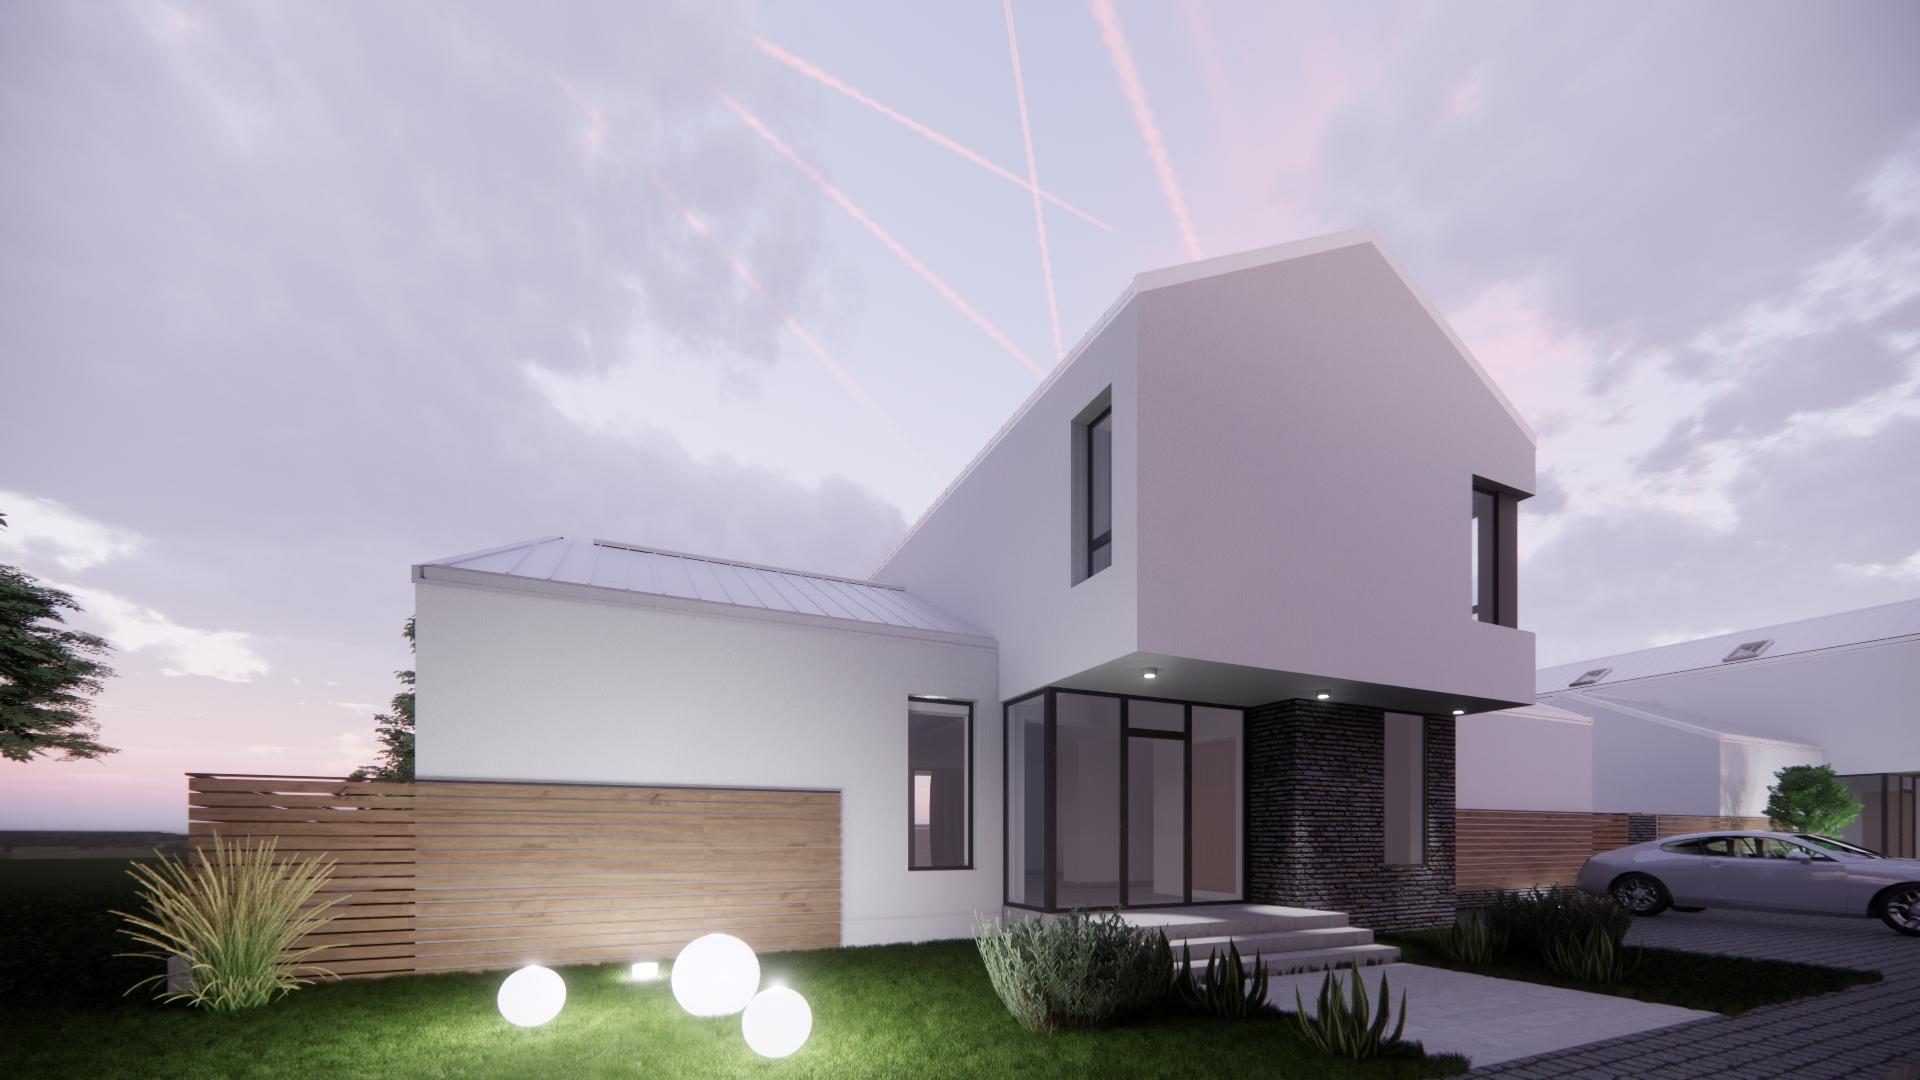 https://nbc-arhitect.ro/wp-content/uploads/2021/02/Balta-Alba-Corbeanca-1.jpg